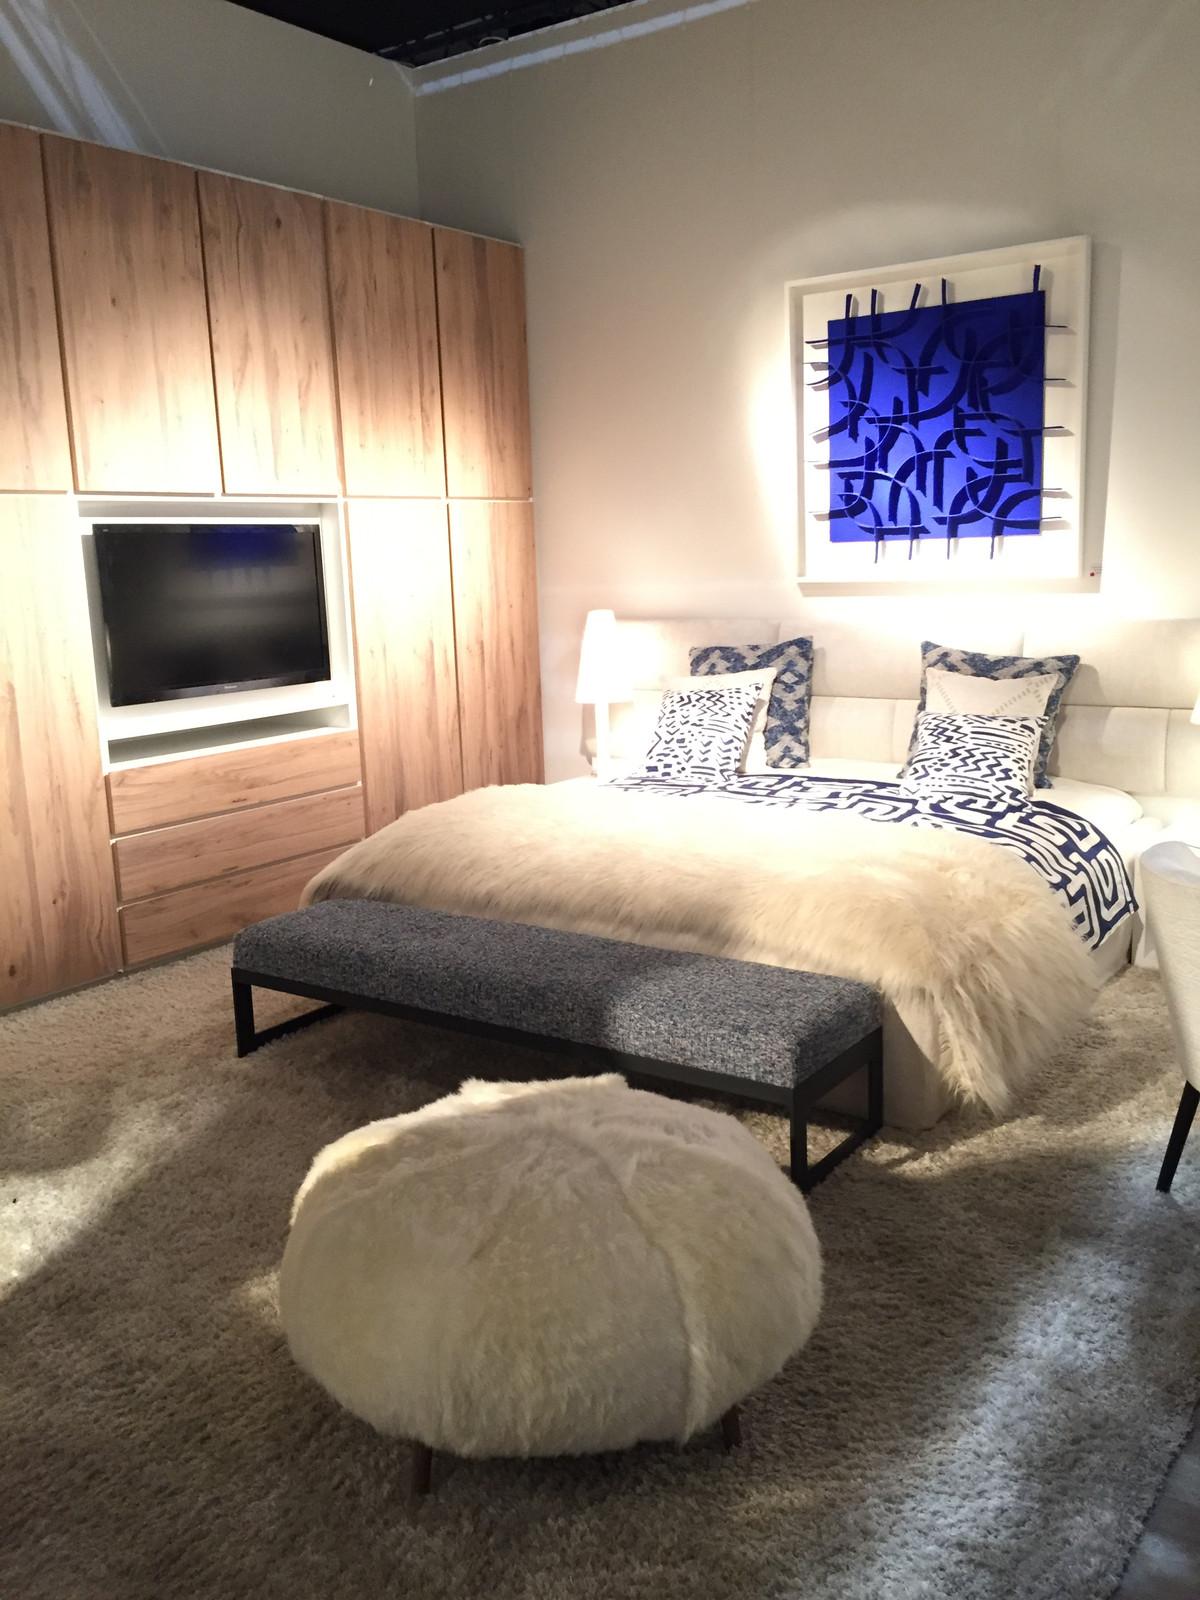 best chambre parentale cosy chic dcoratrice duinterieur. Black Bedroom Furniture Sets. Home Design Ideas